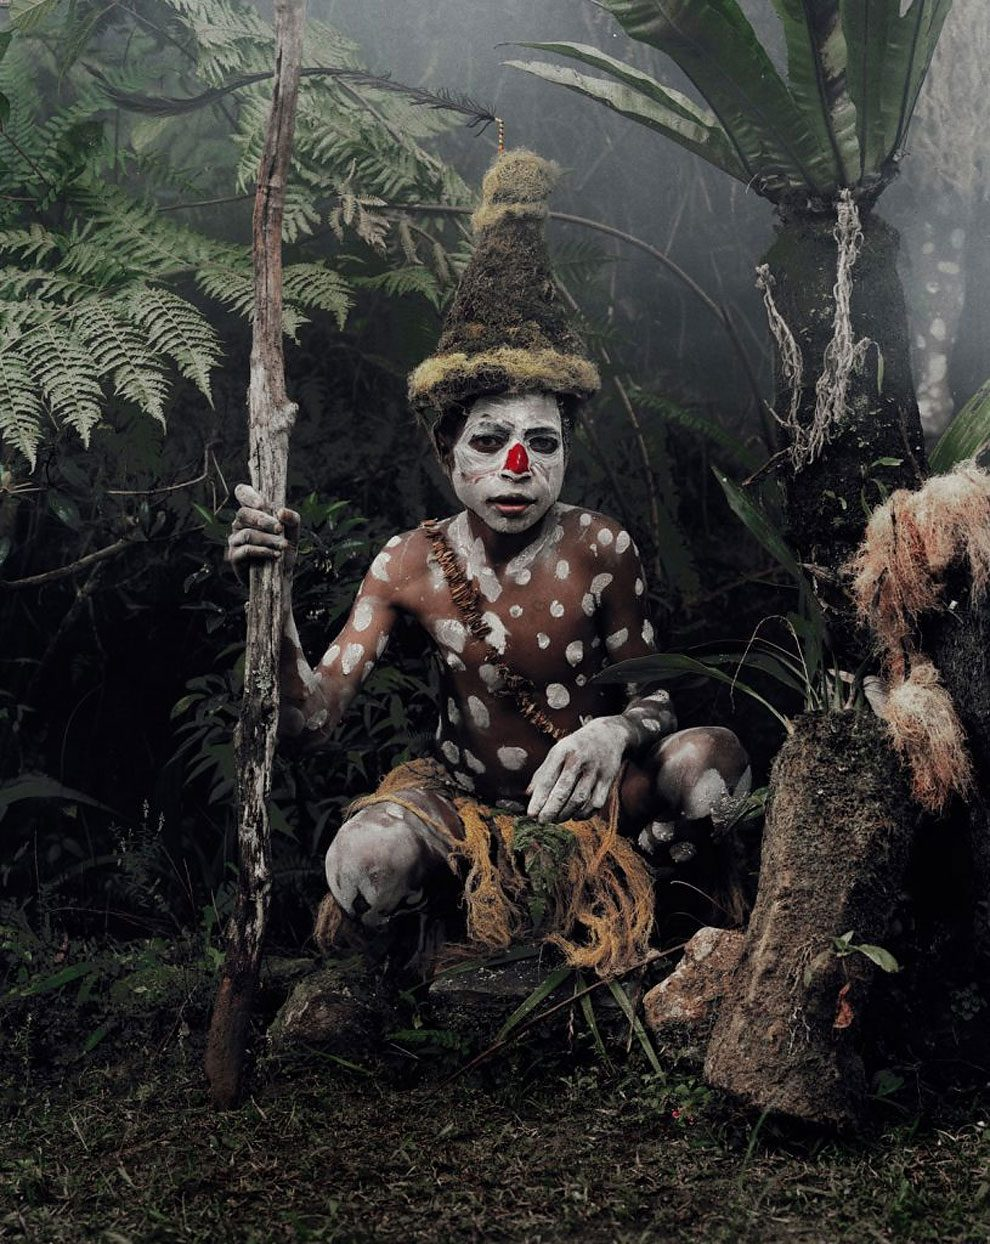 tribu-indigeni-mondo-fotografia-before-they-pass-away-jimmy-nelson-34